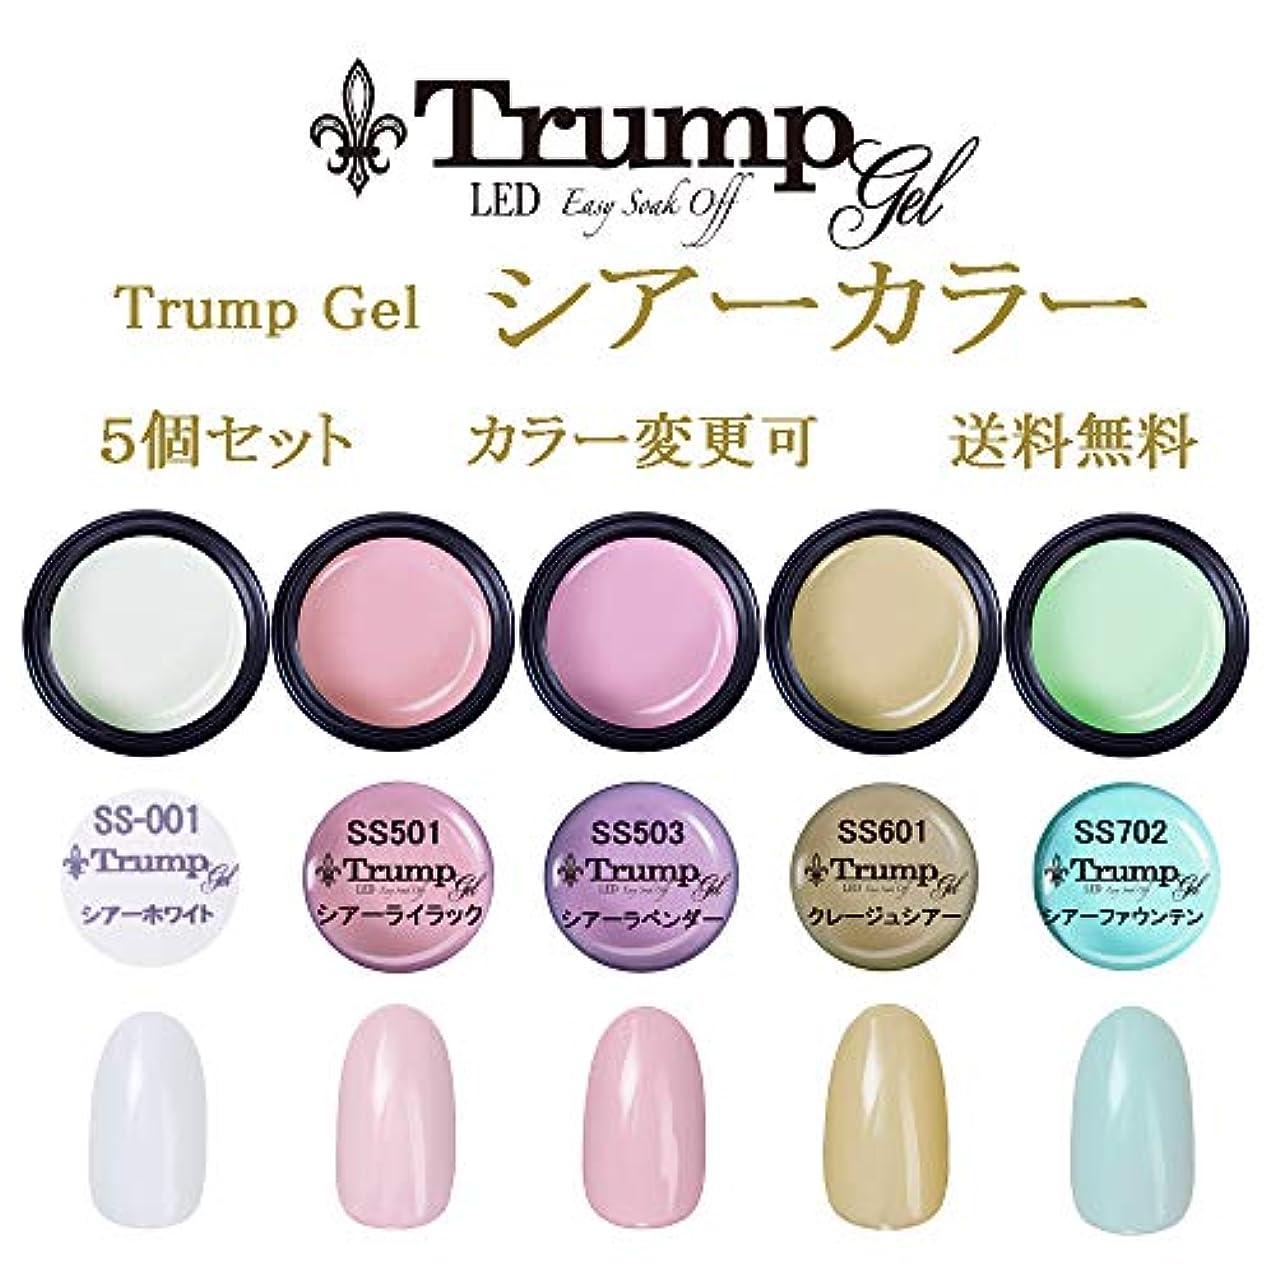 ふけるパニックディスコ日本製 Trump gel トランプジェル シアー カラージェル 選べる 5個セット ホワイト ピンク パープル イエロー ブルー